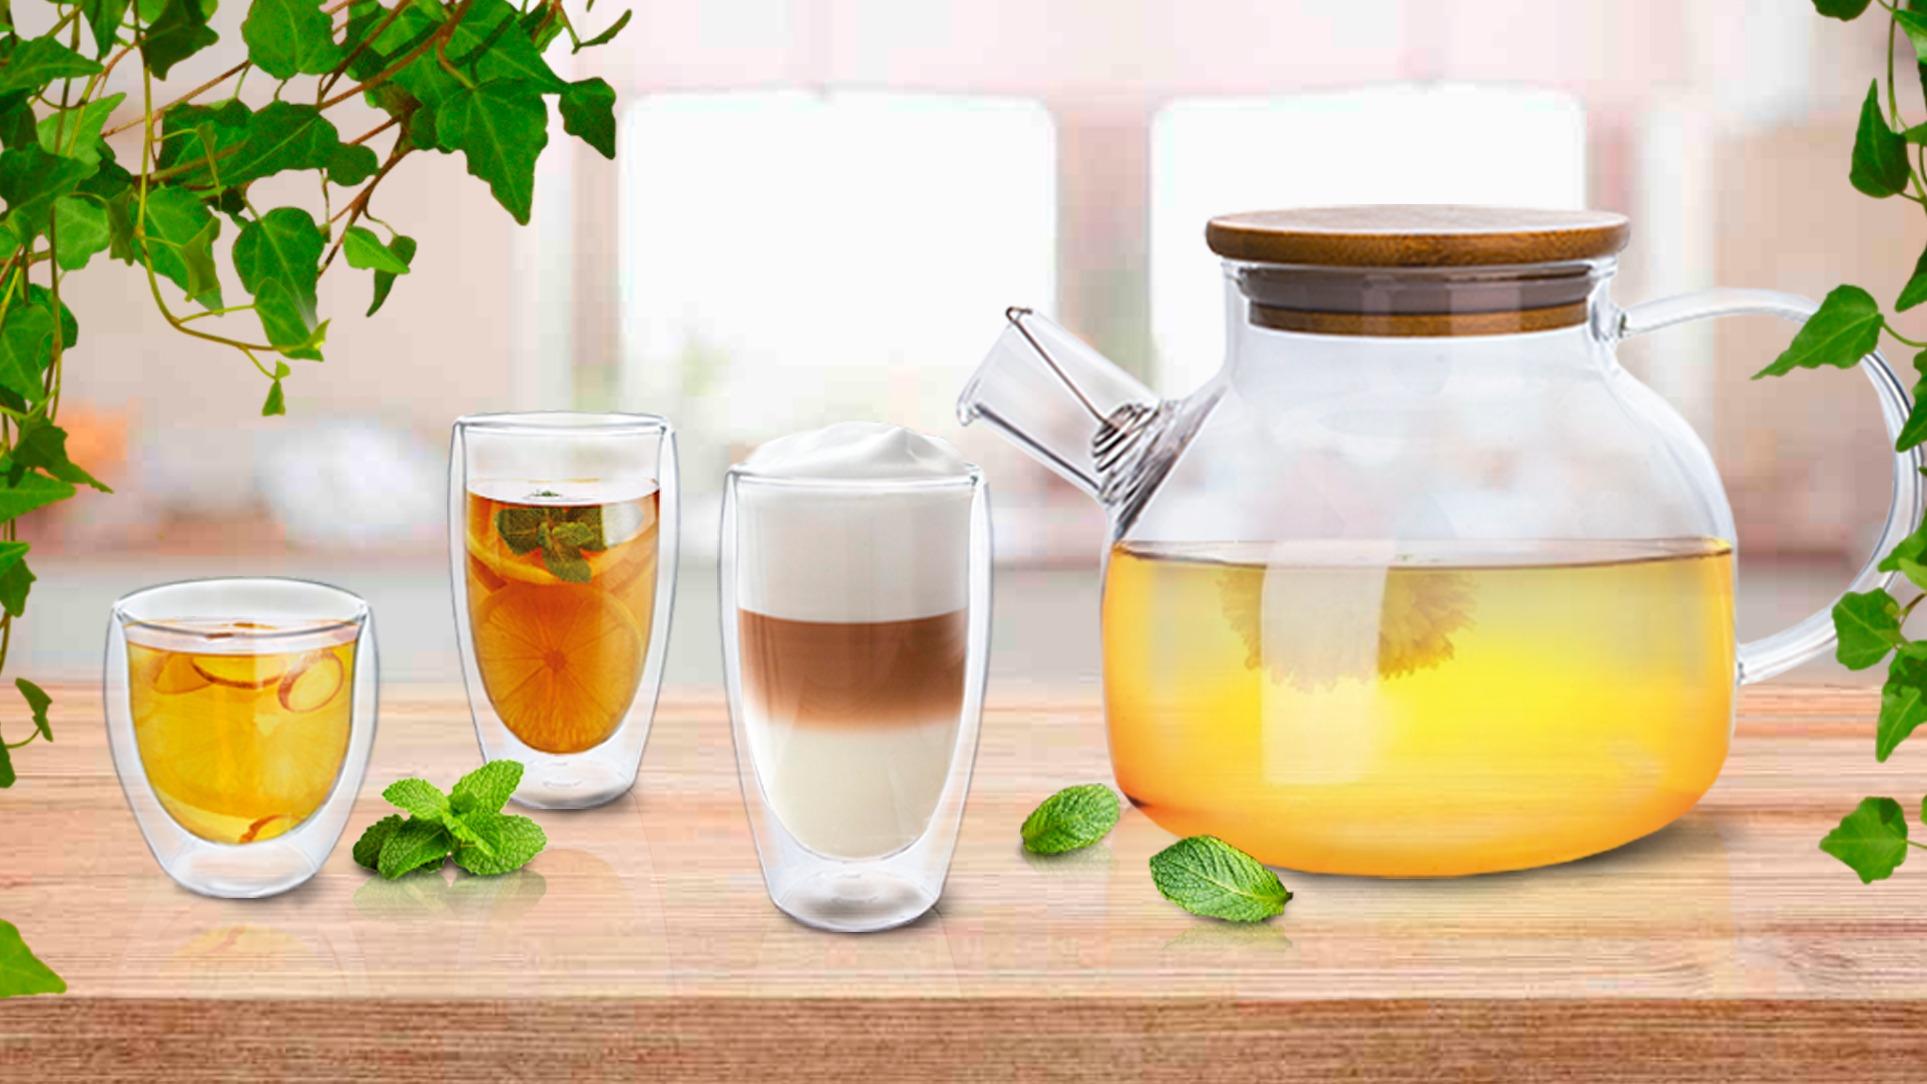 Готовим полезный и ароматный чай: бокалы с двойными стенками и заварочный чайник